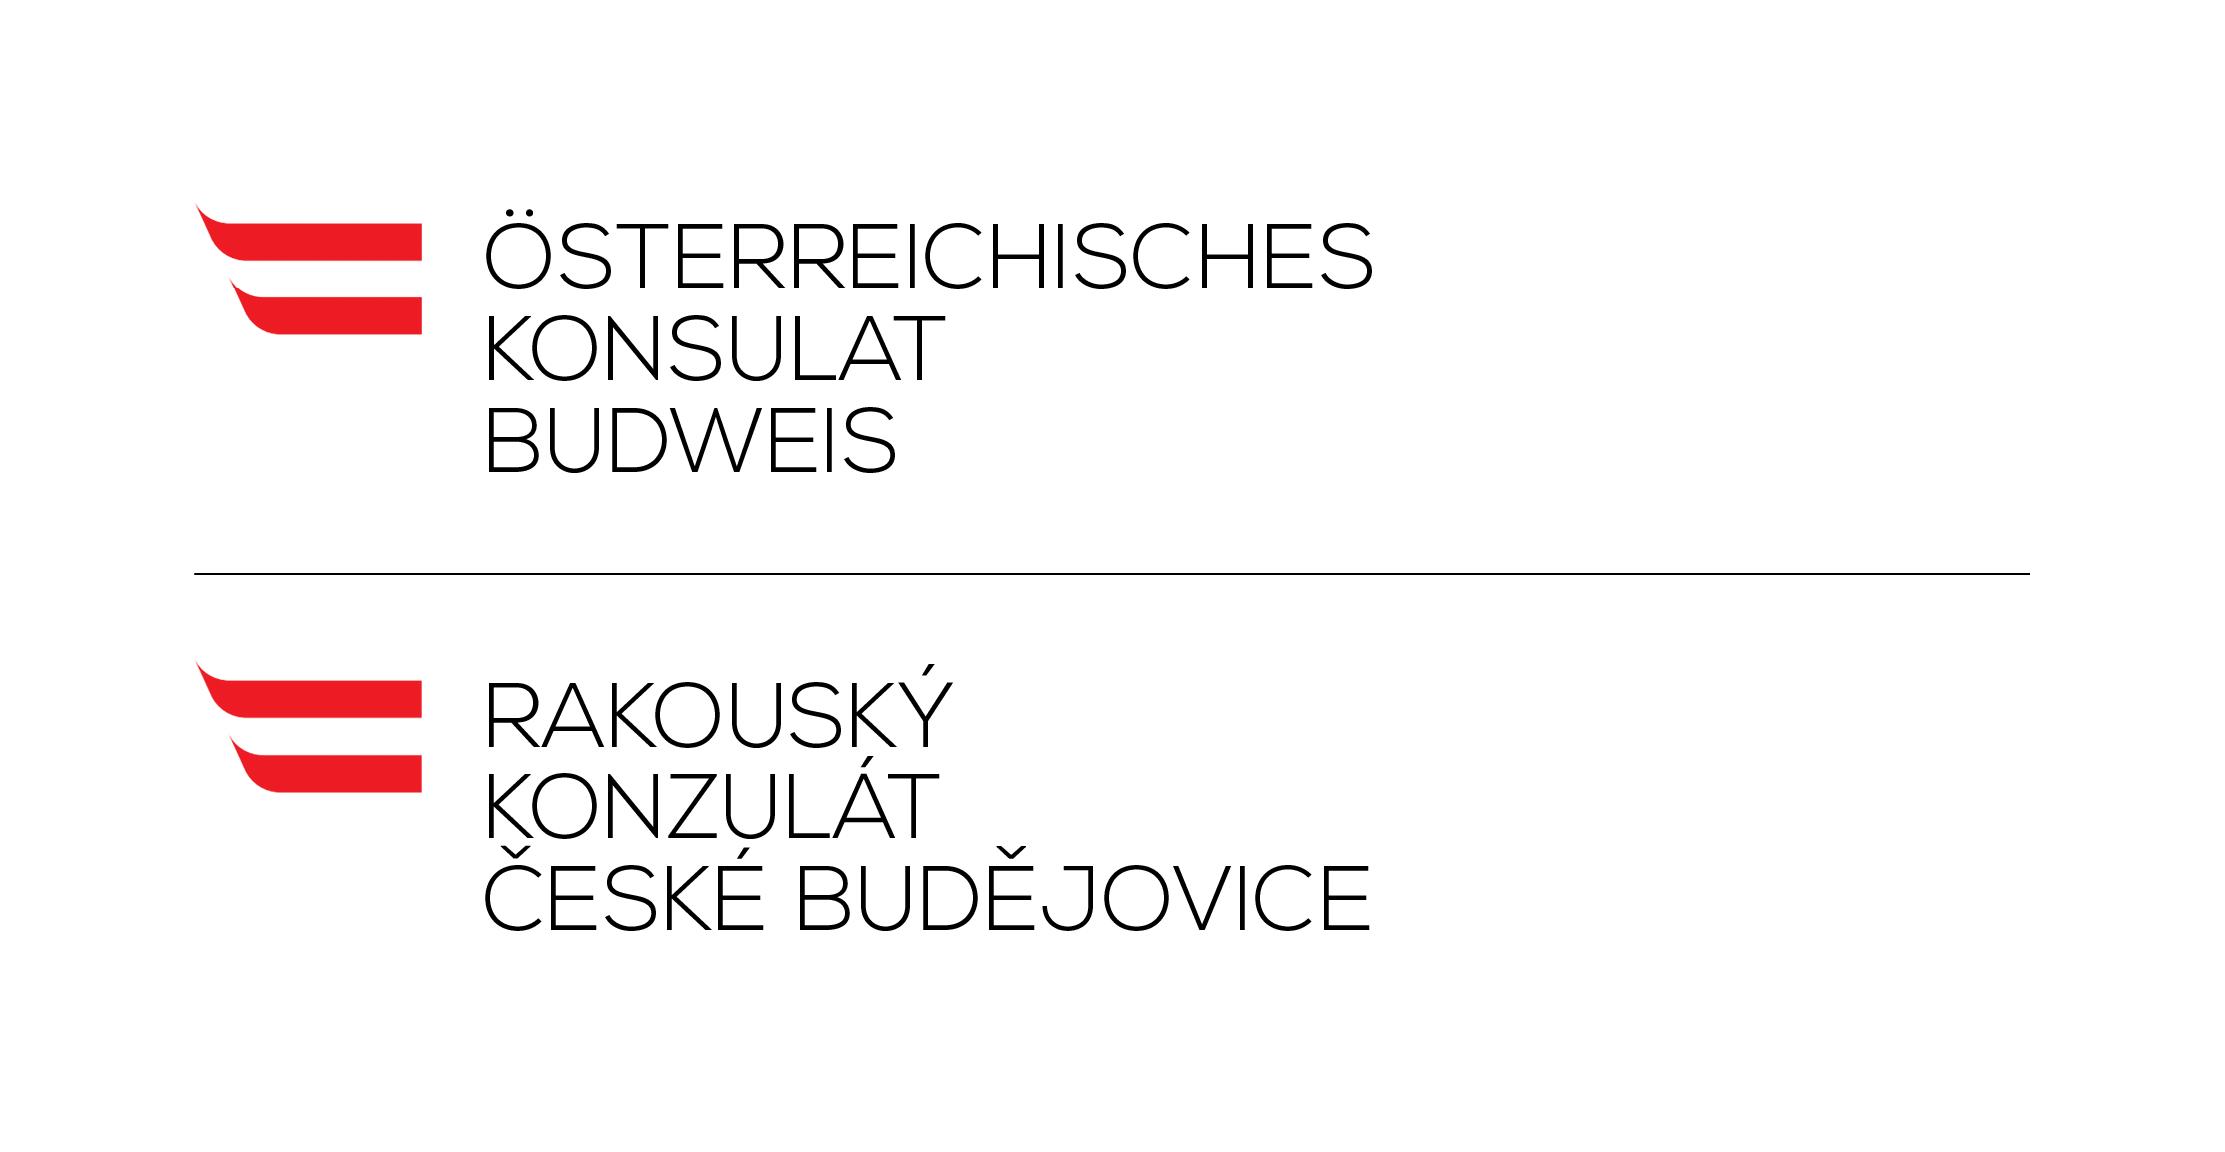 Österreichisches Konsulat Budweis